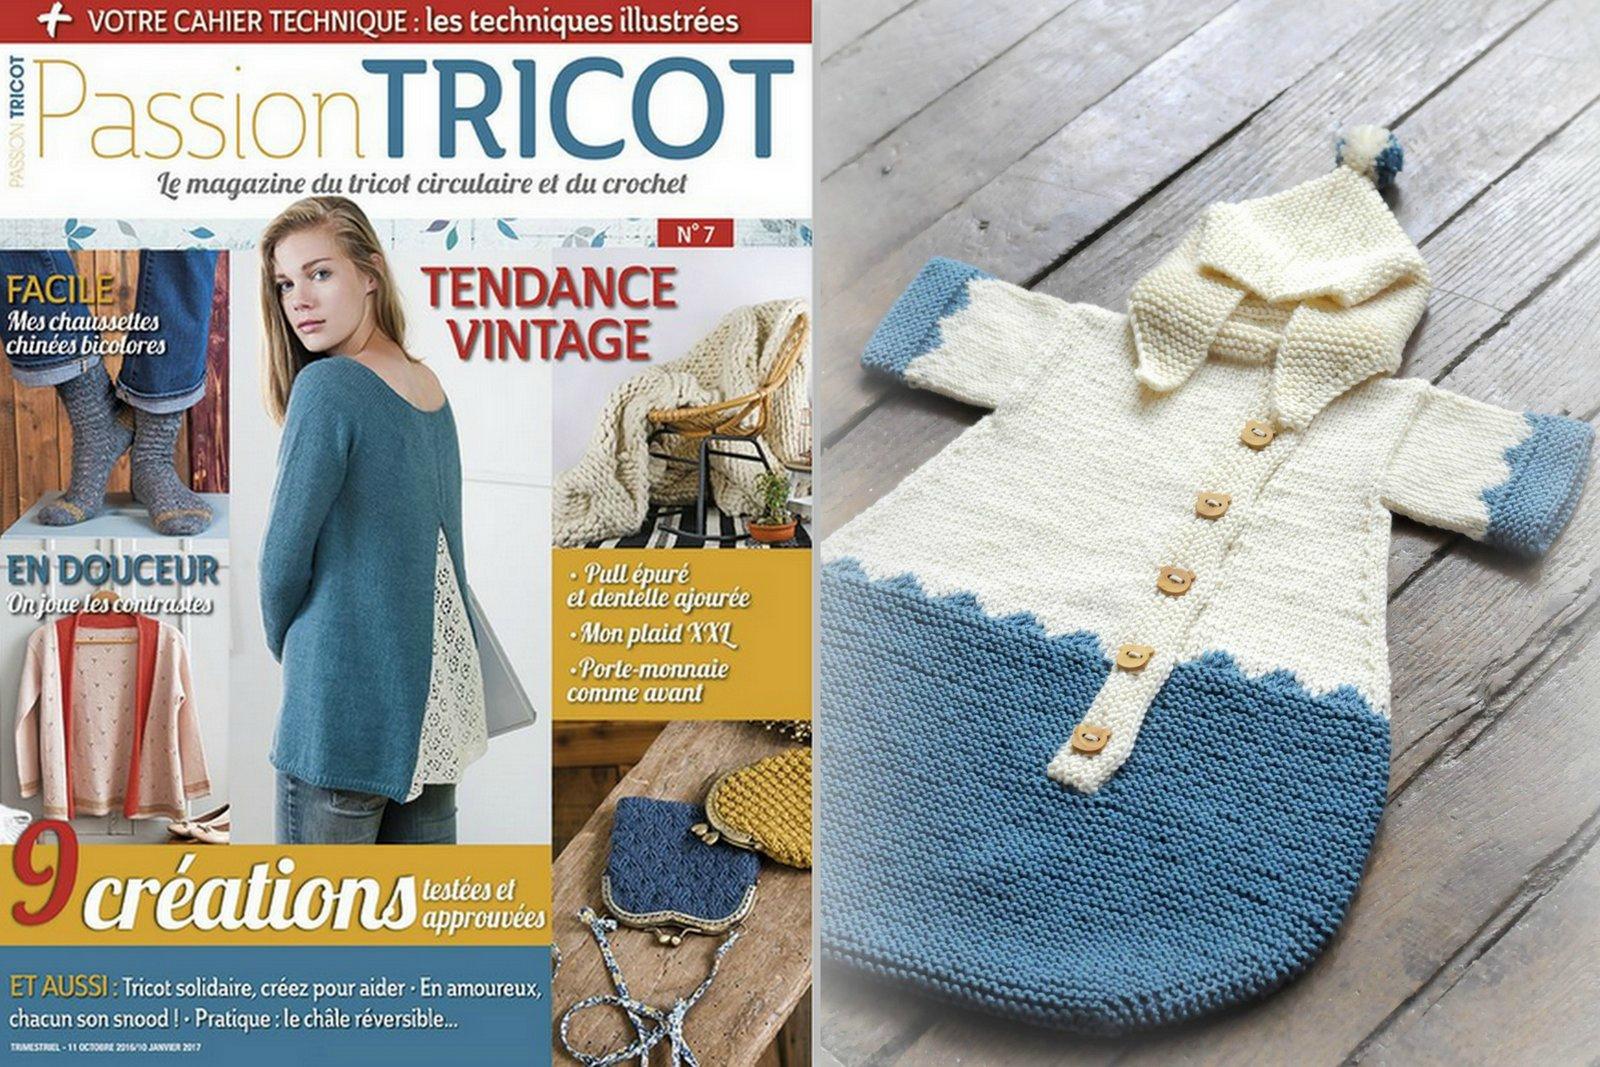 tricoter c'est tendance n 28